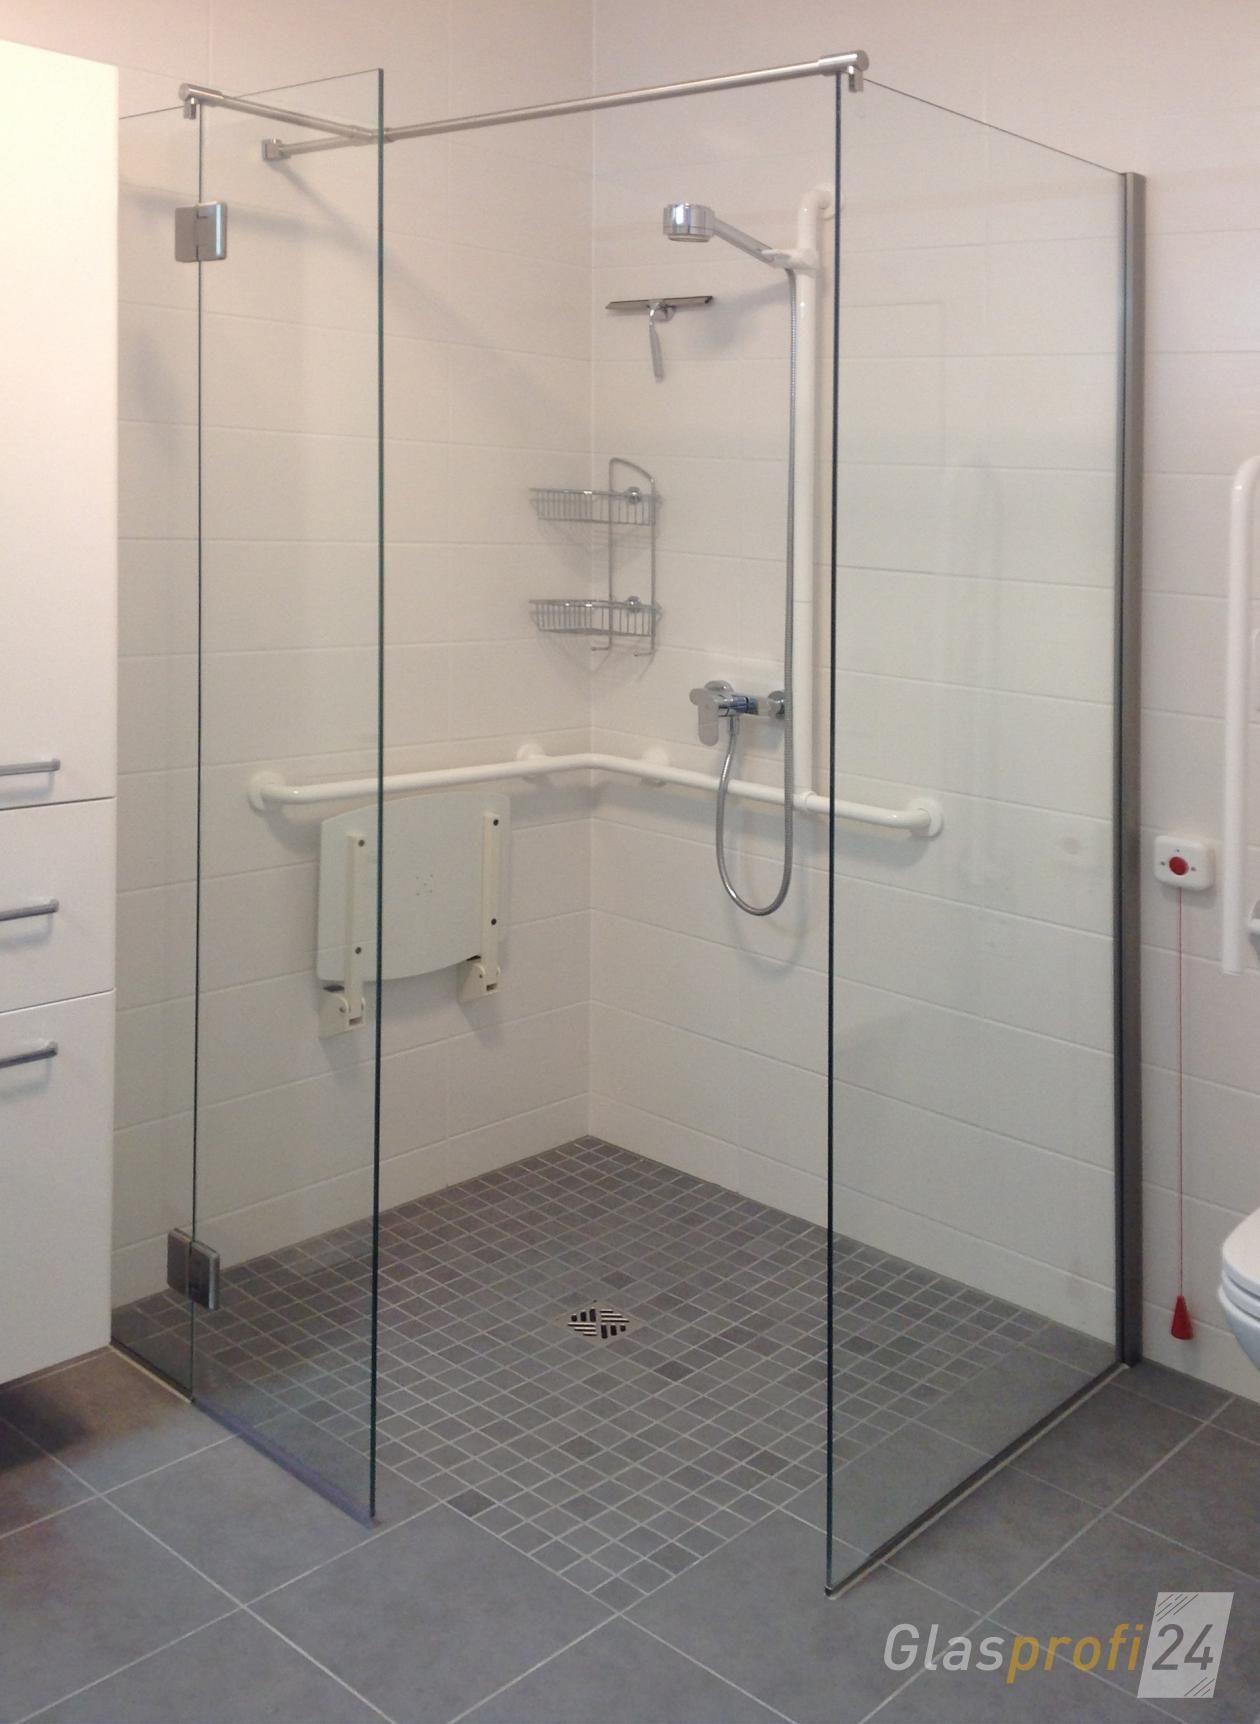 Die Ebenerdige Dusche Mit V2a Beschlagen Die Begehbare Dusche Ebenerdig Auf Fliesen Konnen Sie H Dusche Renovieren Ebenerdige Dusche Badezimmer Dusche Fliesen